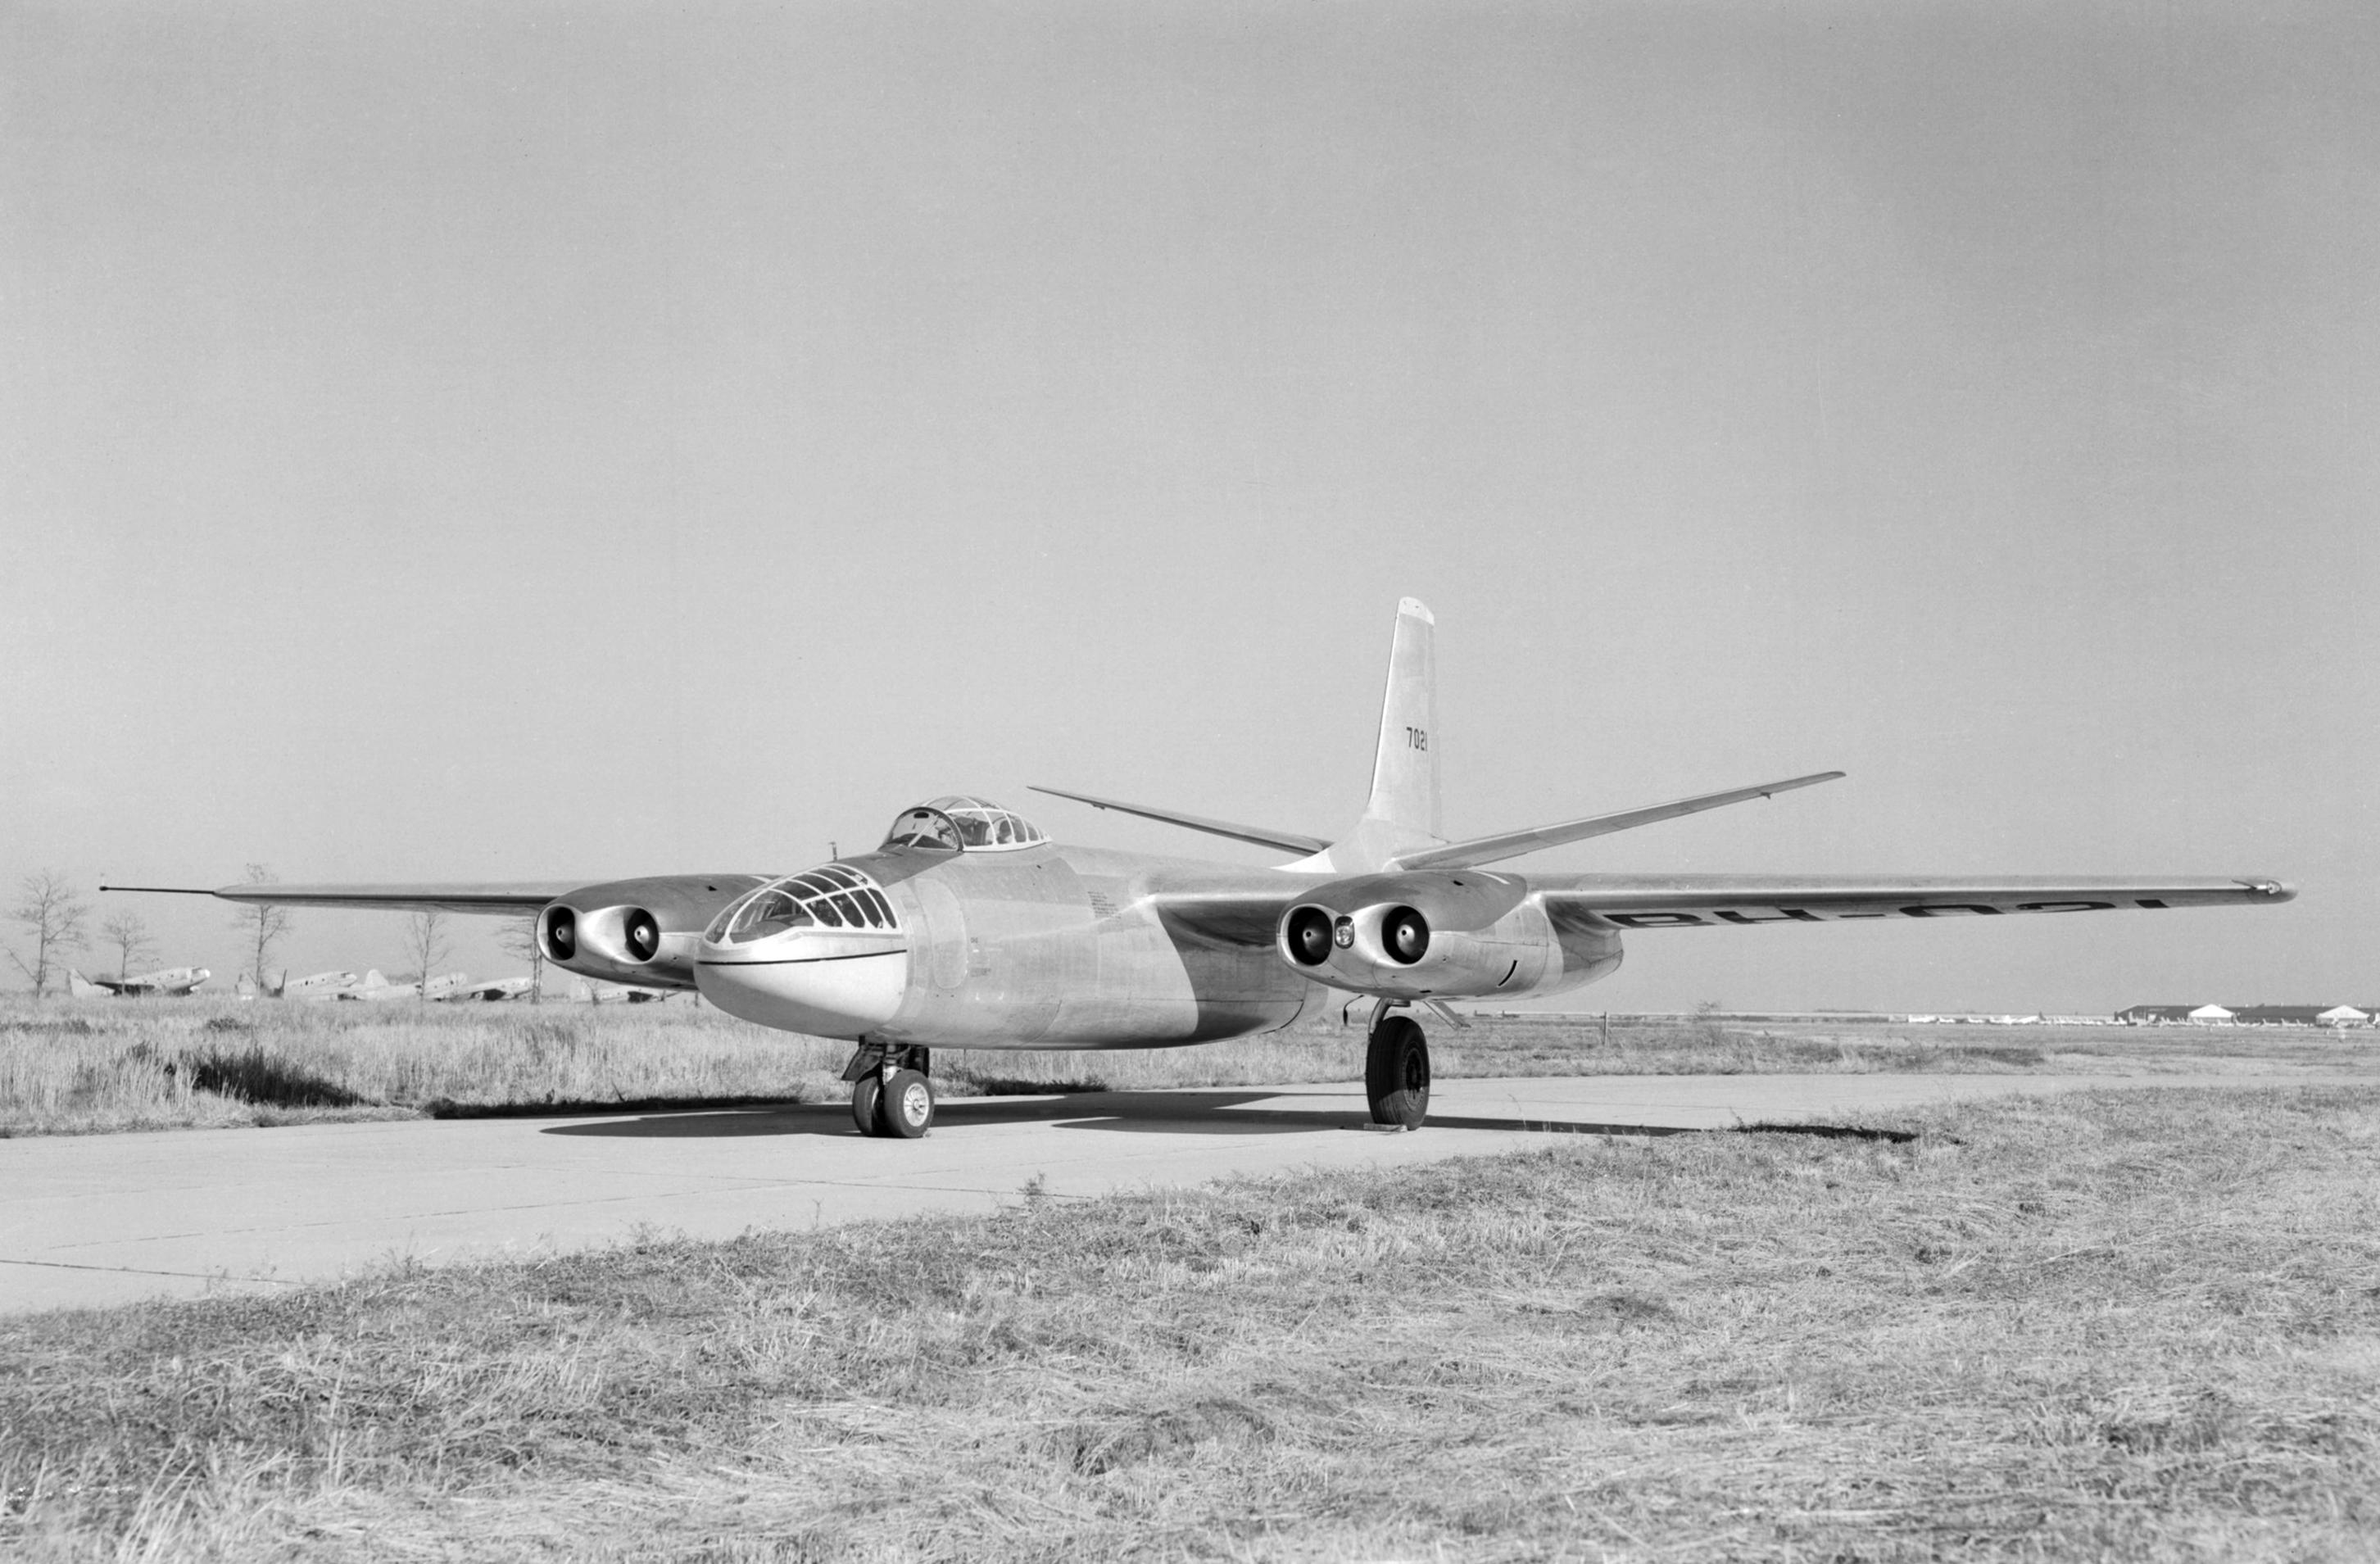 B-45A_Tornado_at_NACA_Langley_in_1949.jp